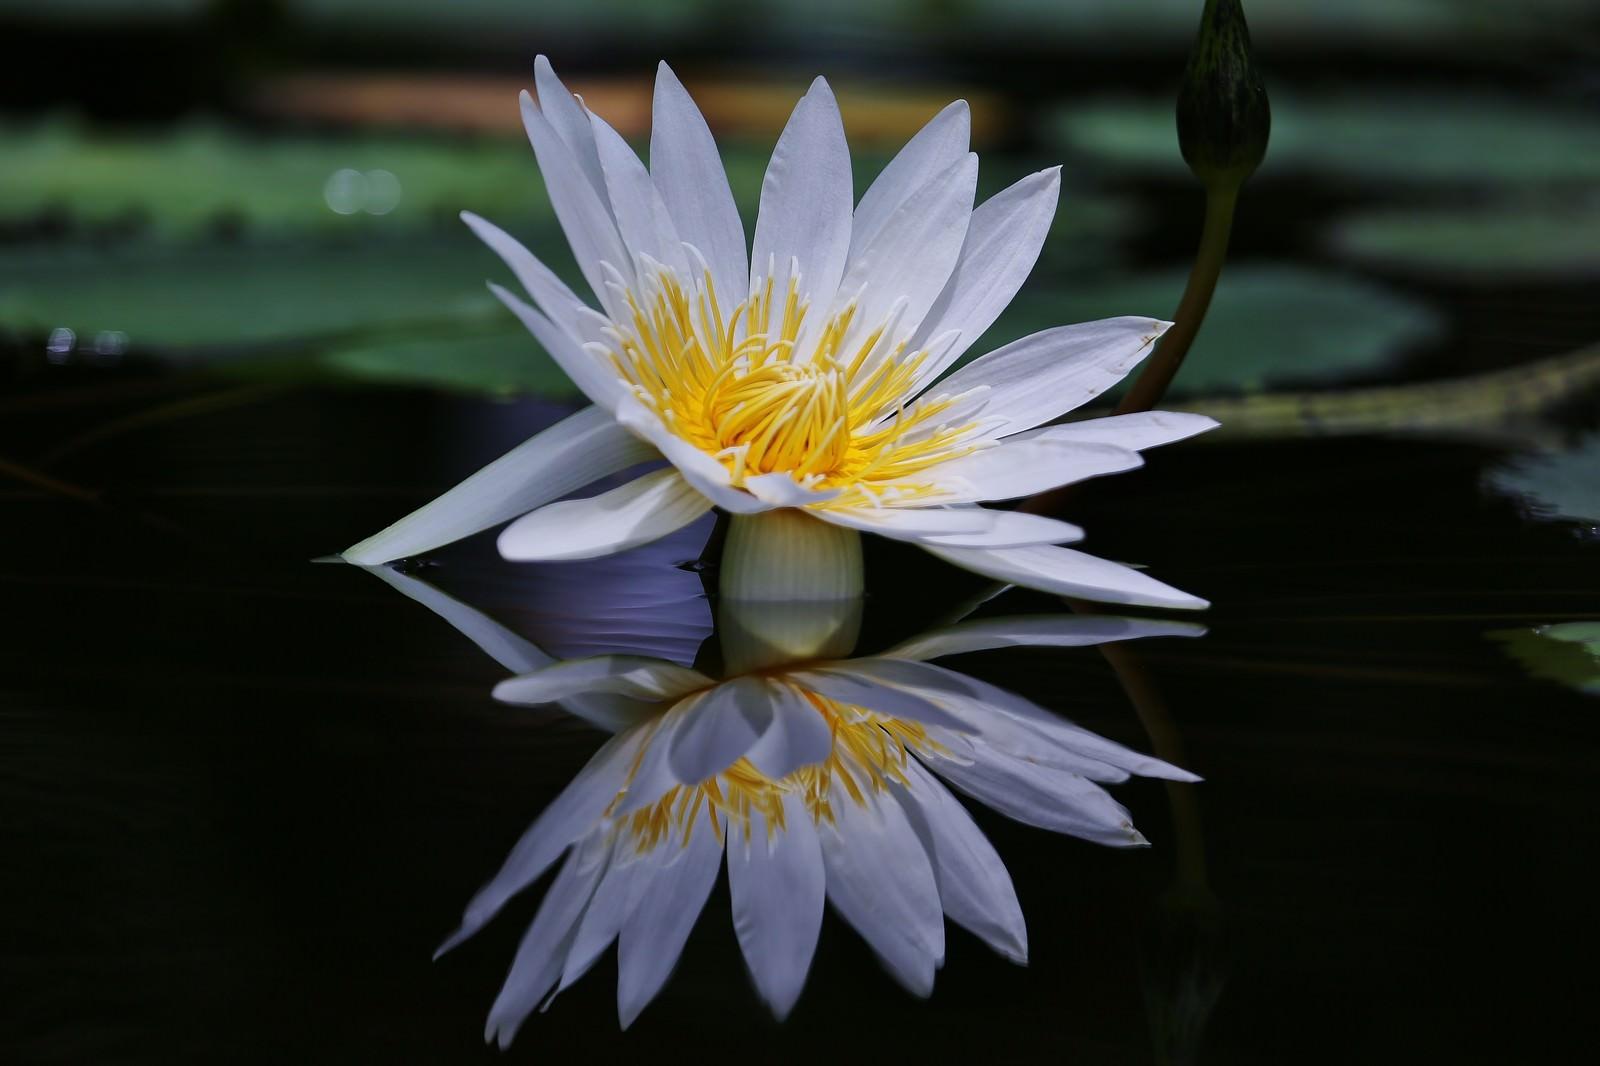 「水面に反射する睡蓮の花」の写真